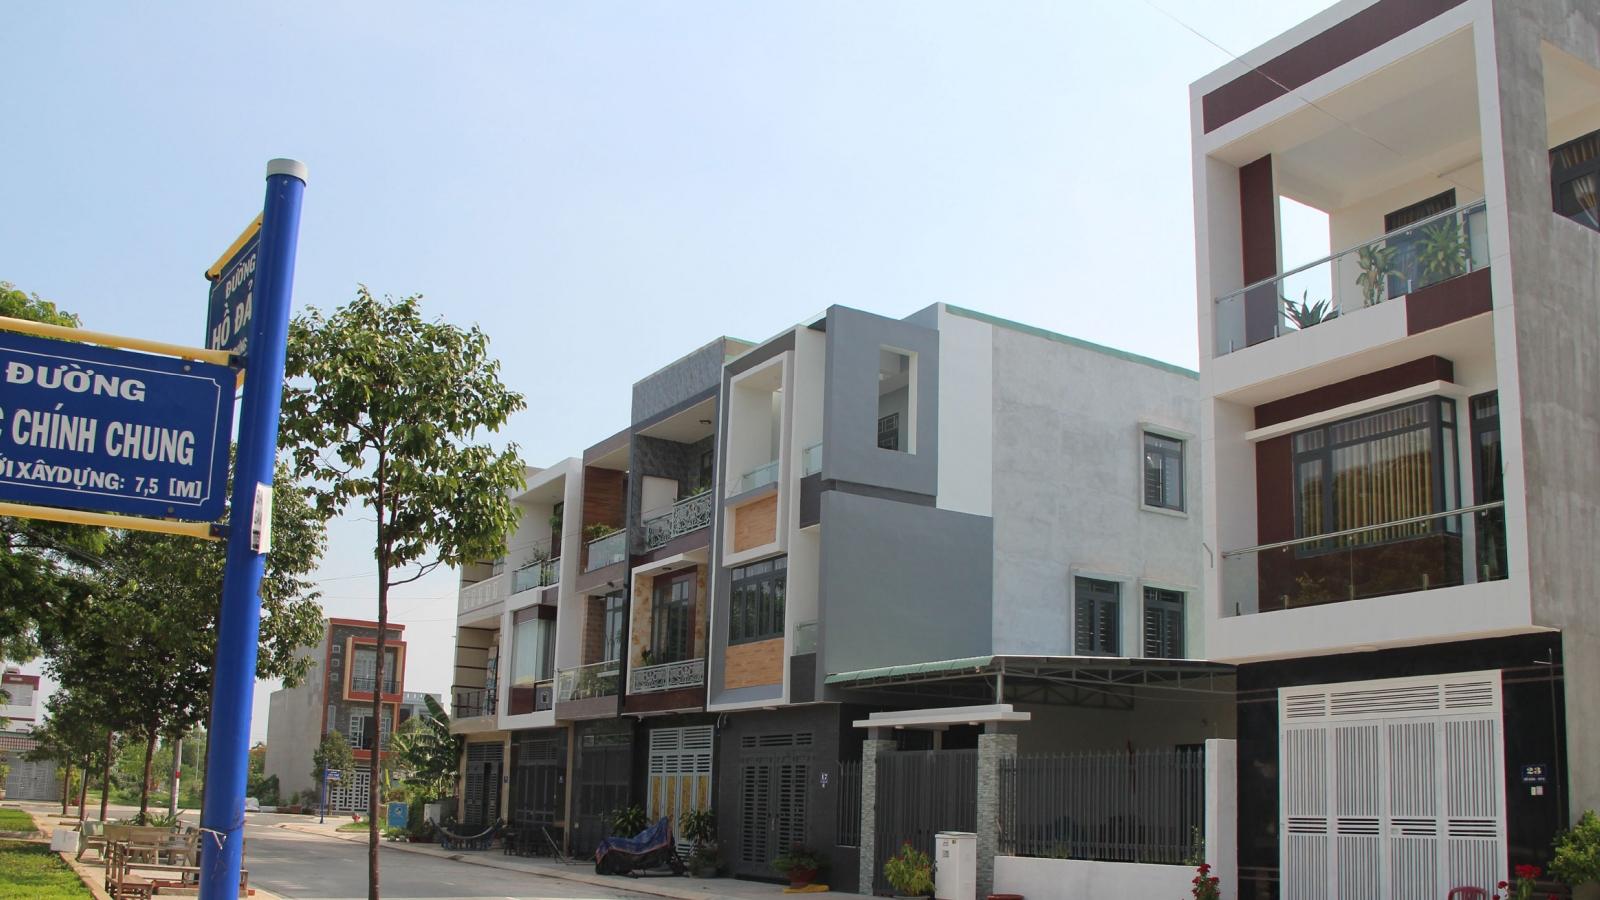 Khu tái định cư như khu đô thị: Cách làm mới ở Bà Rịa-Vũng Tàu